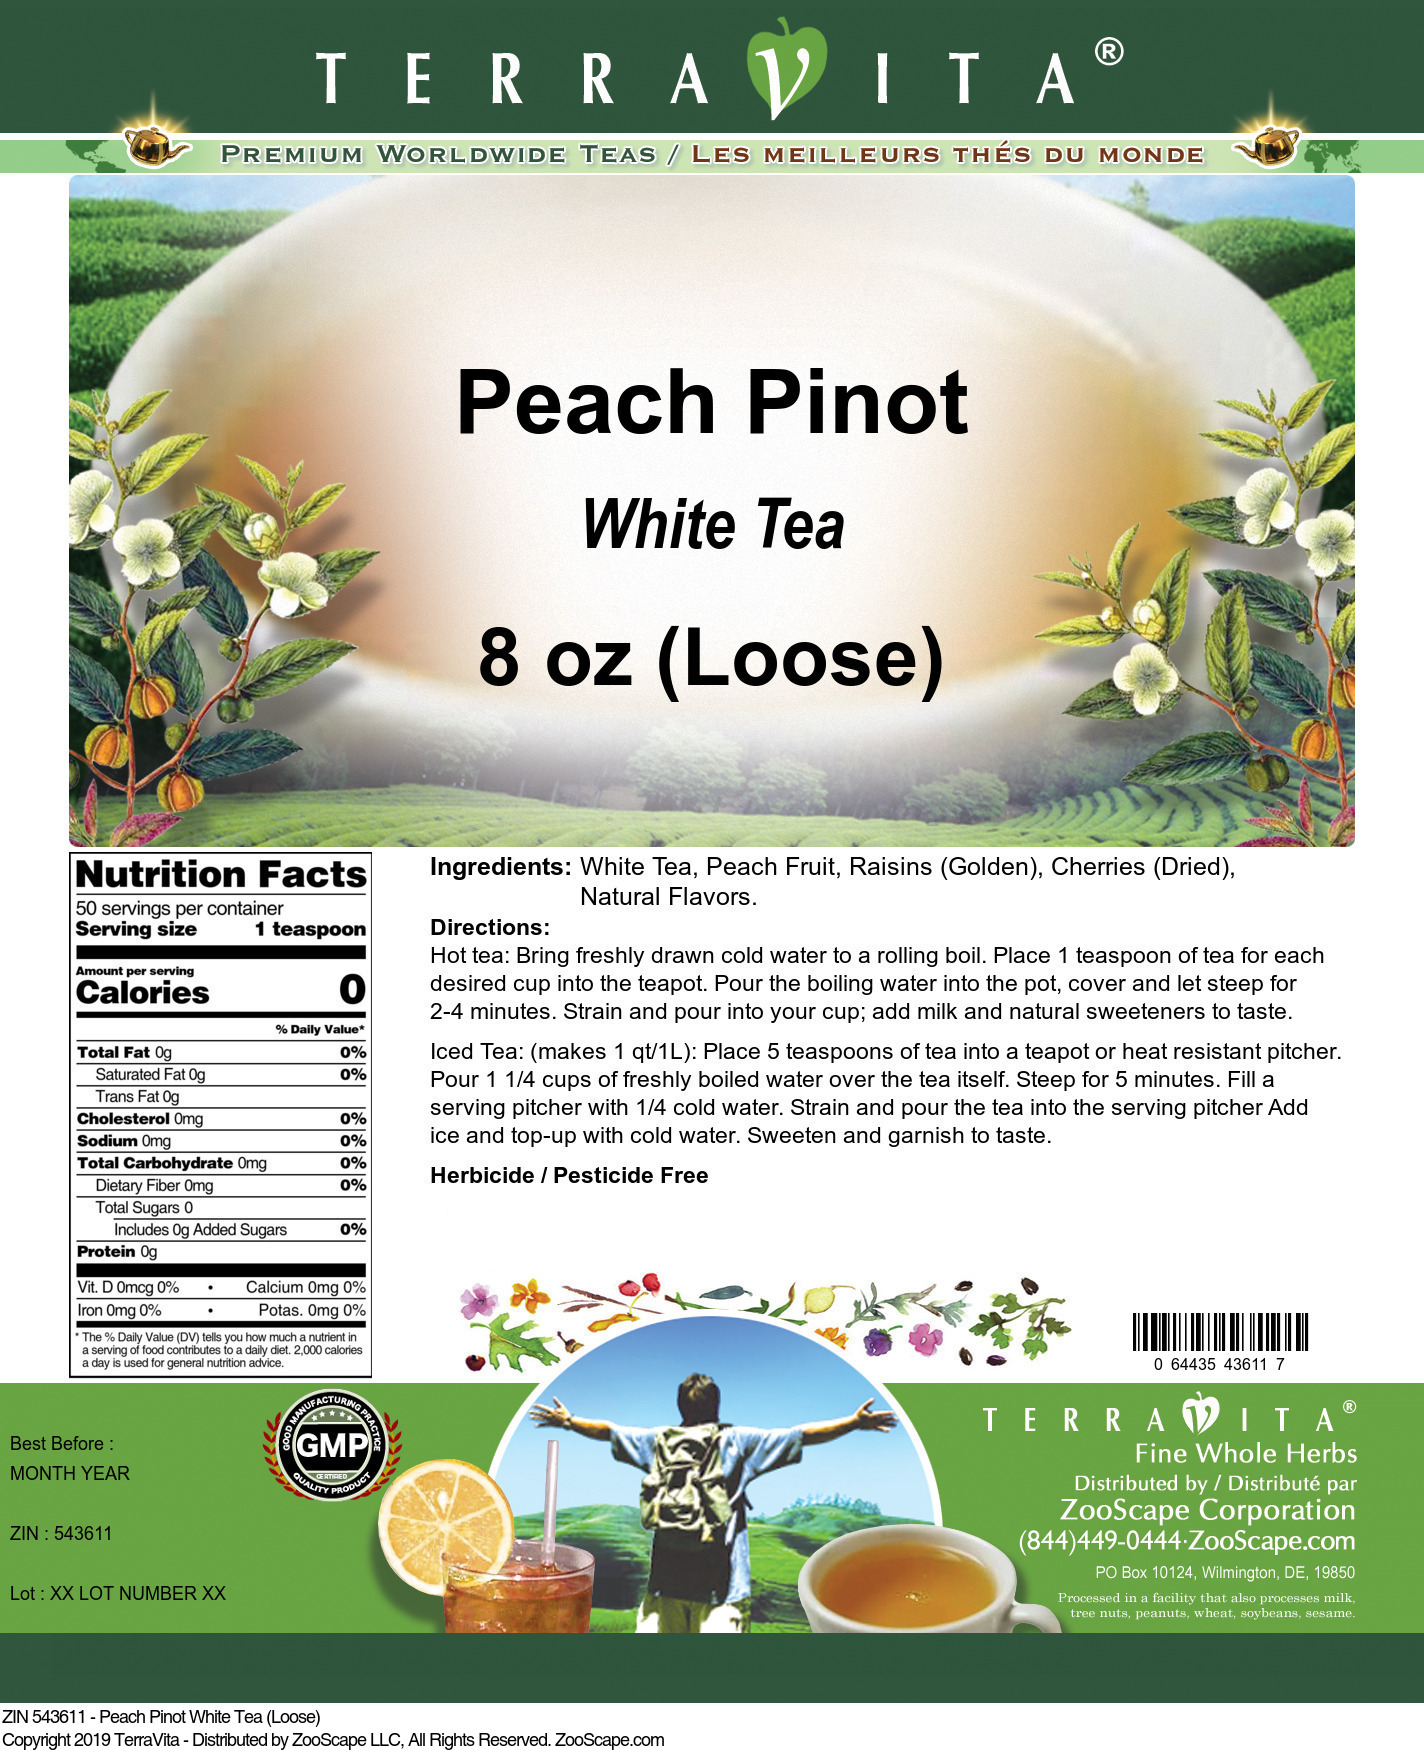 Peach Pinot White Tea (Loose)